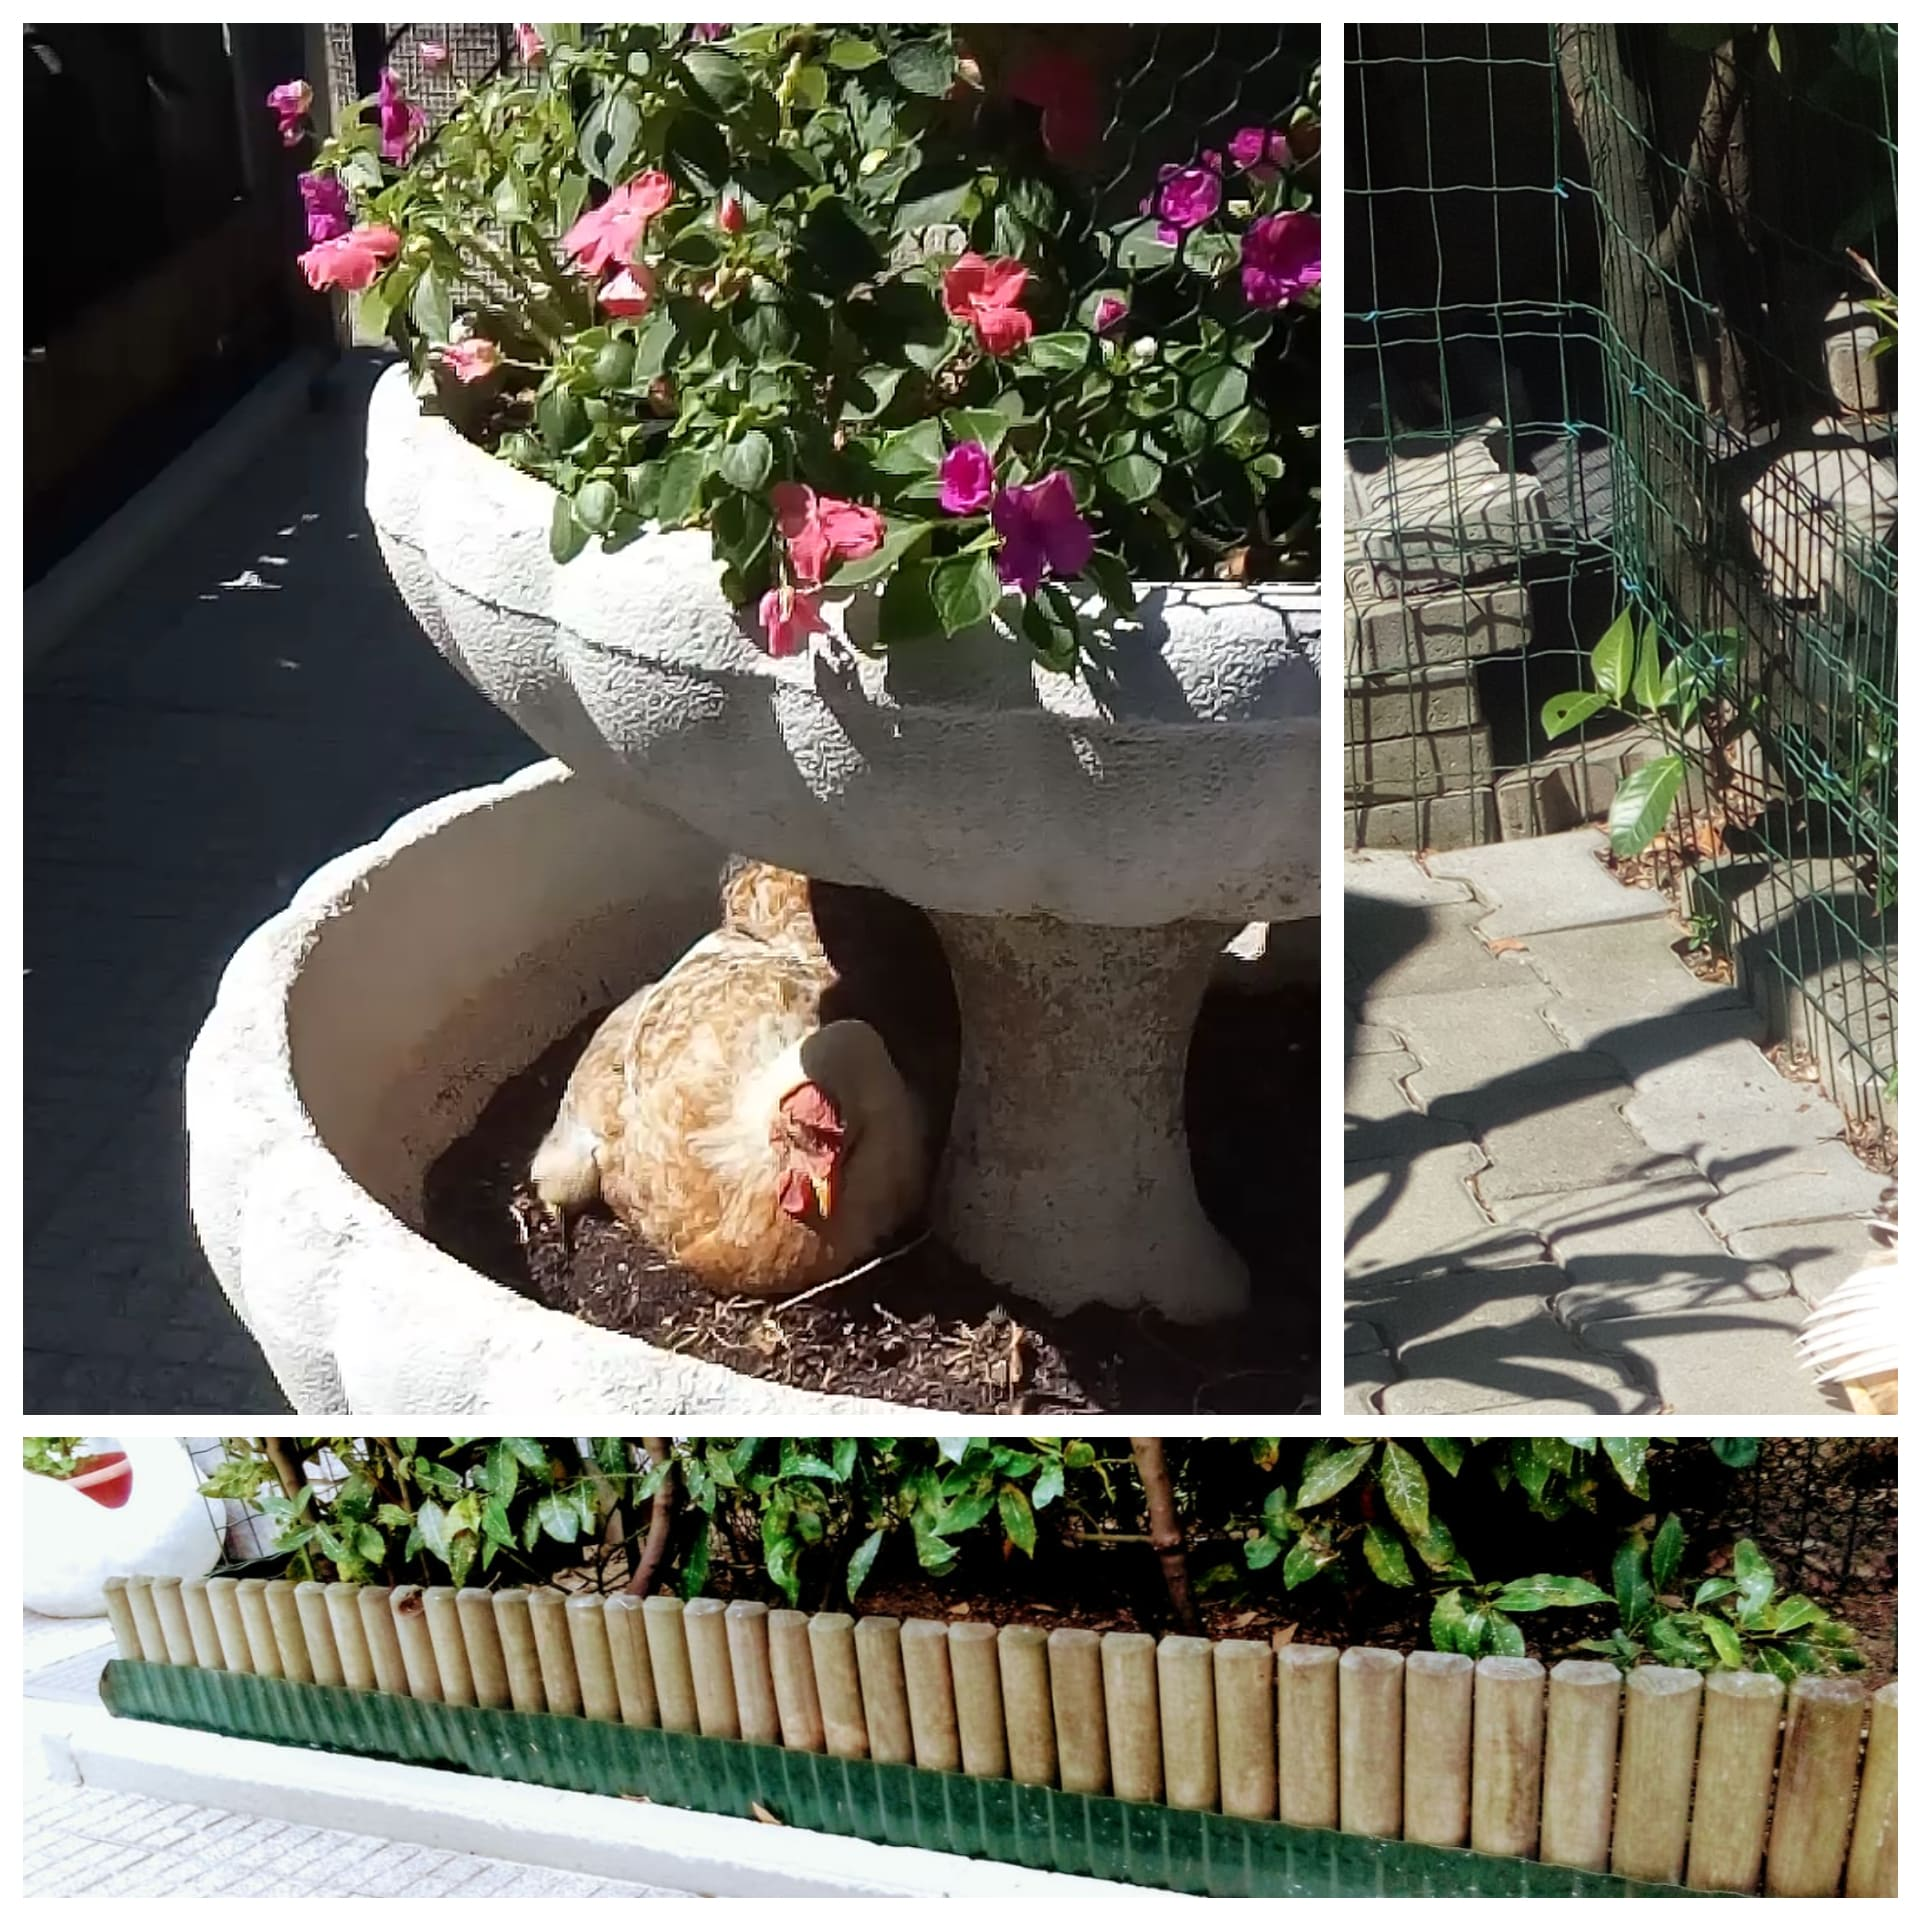 proteggere piante e fiori dalle galline